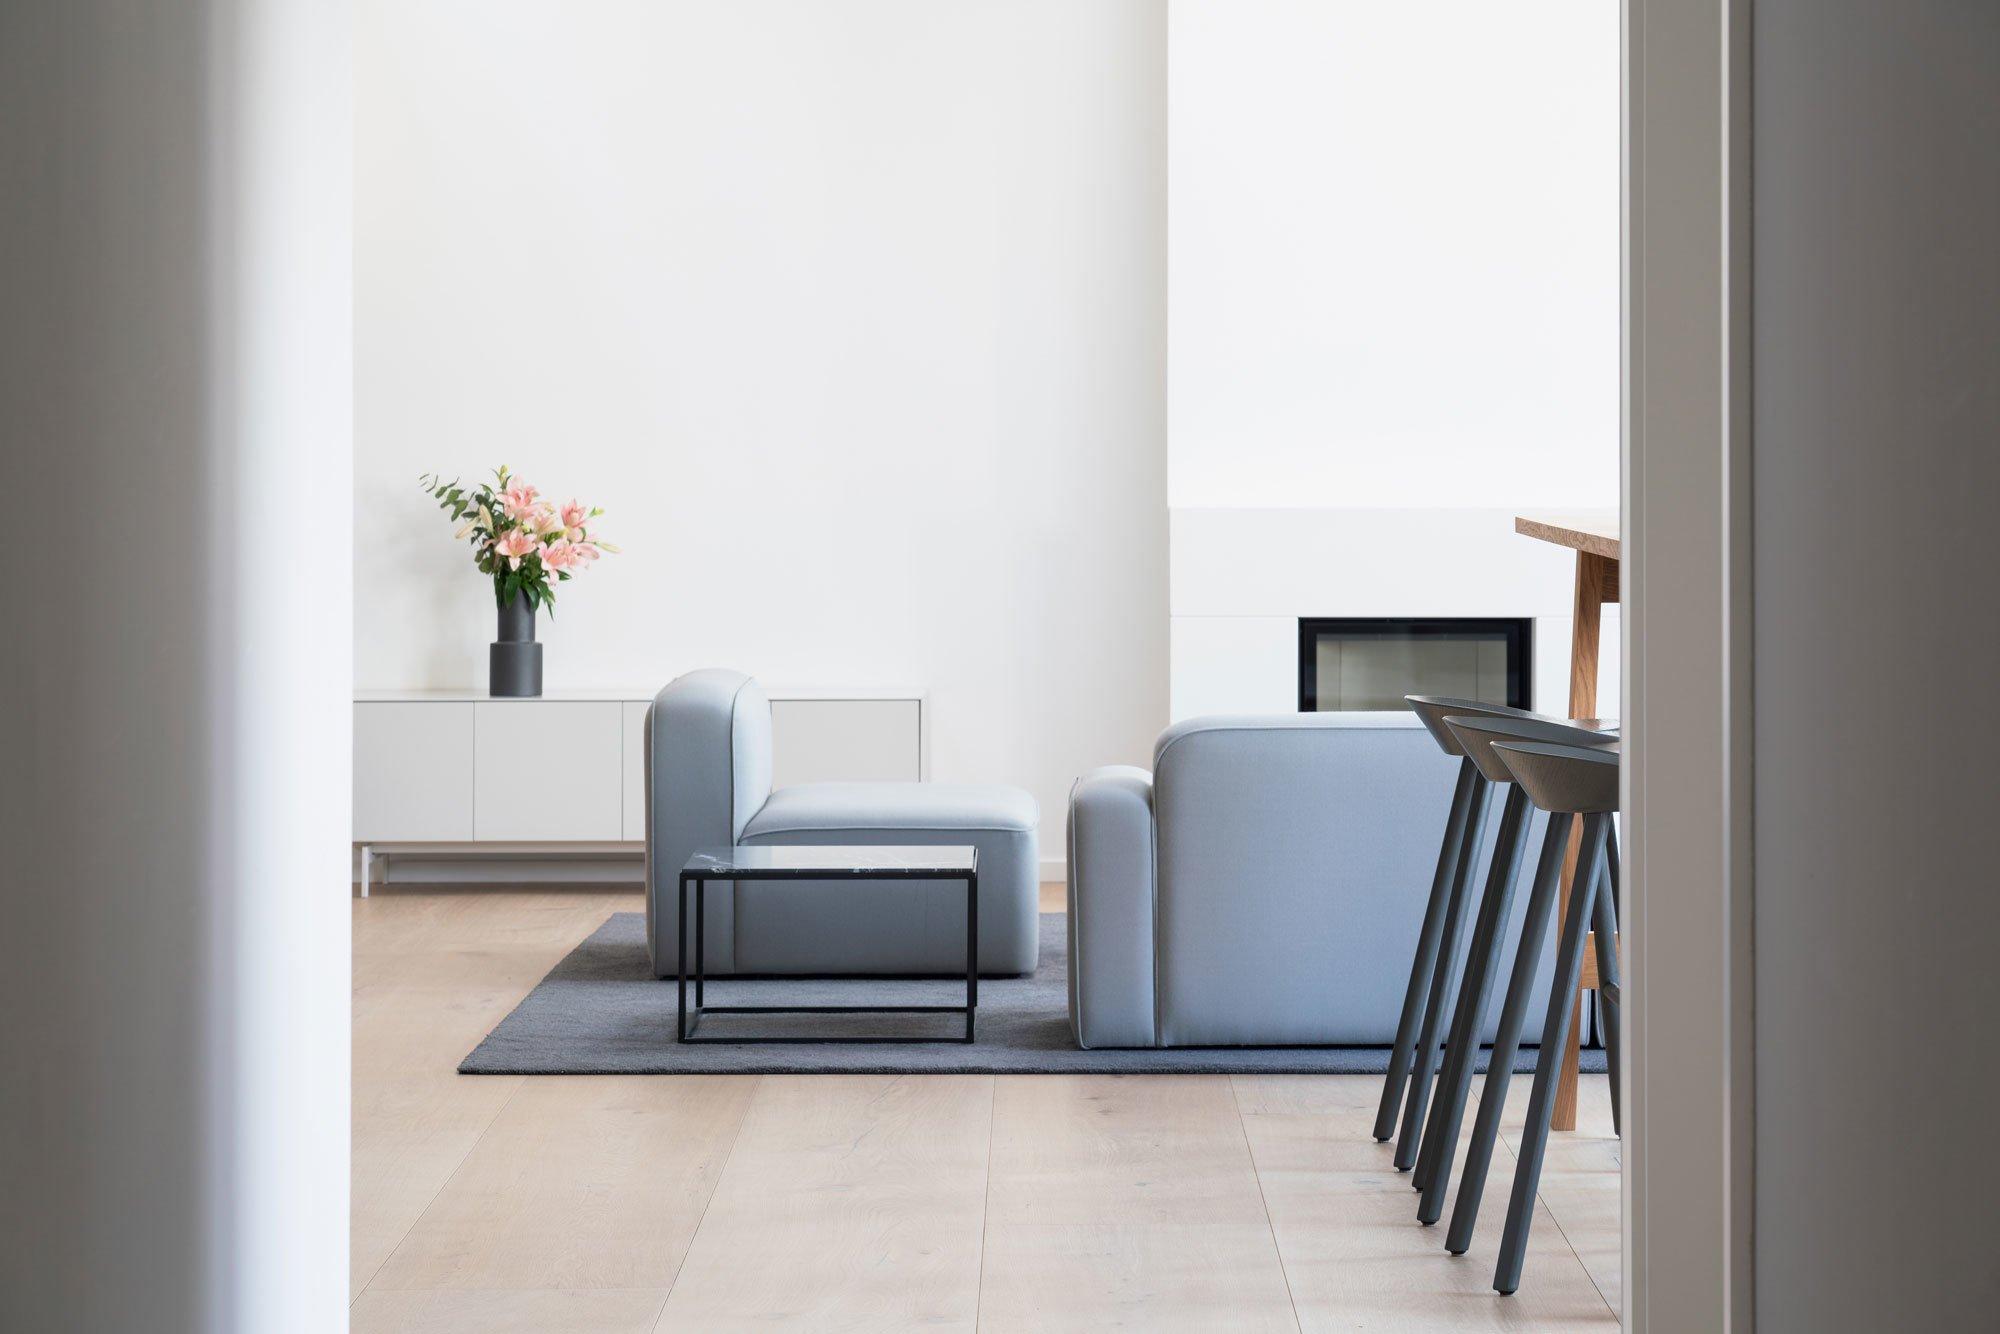 Das Architekturbüro BBPA gestaltete gemeinsam mit Patrick Batek ein Dachgeschoss zum Büro um. Es wirkt so wohnlich, dass man am liebsten einziehen würde.